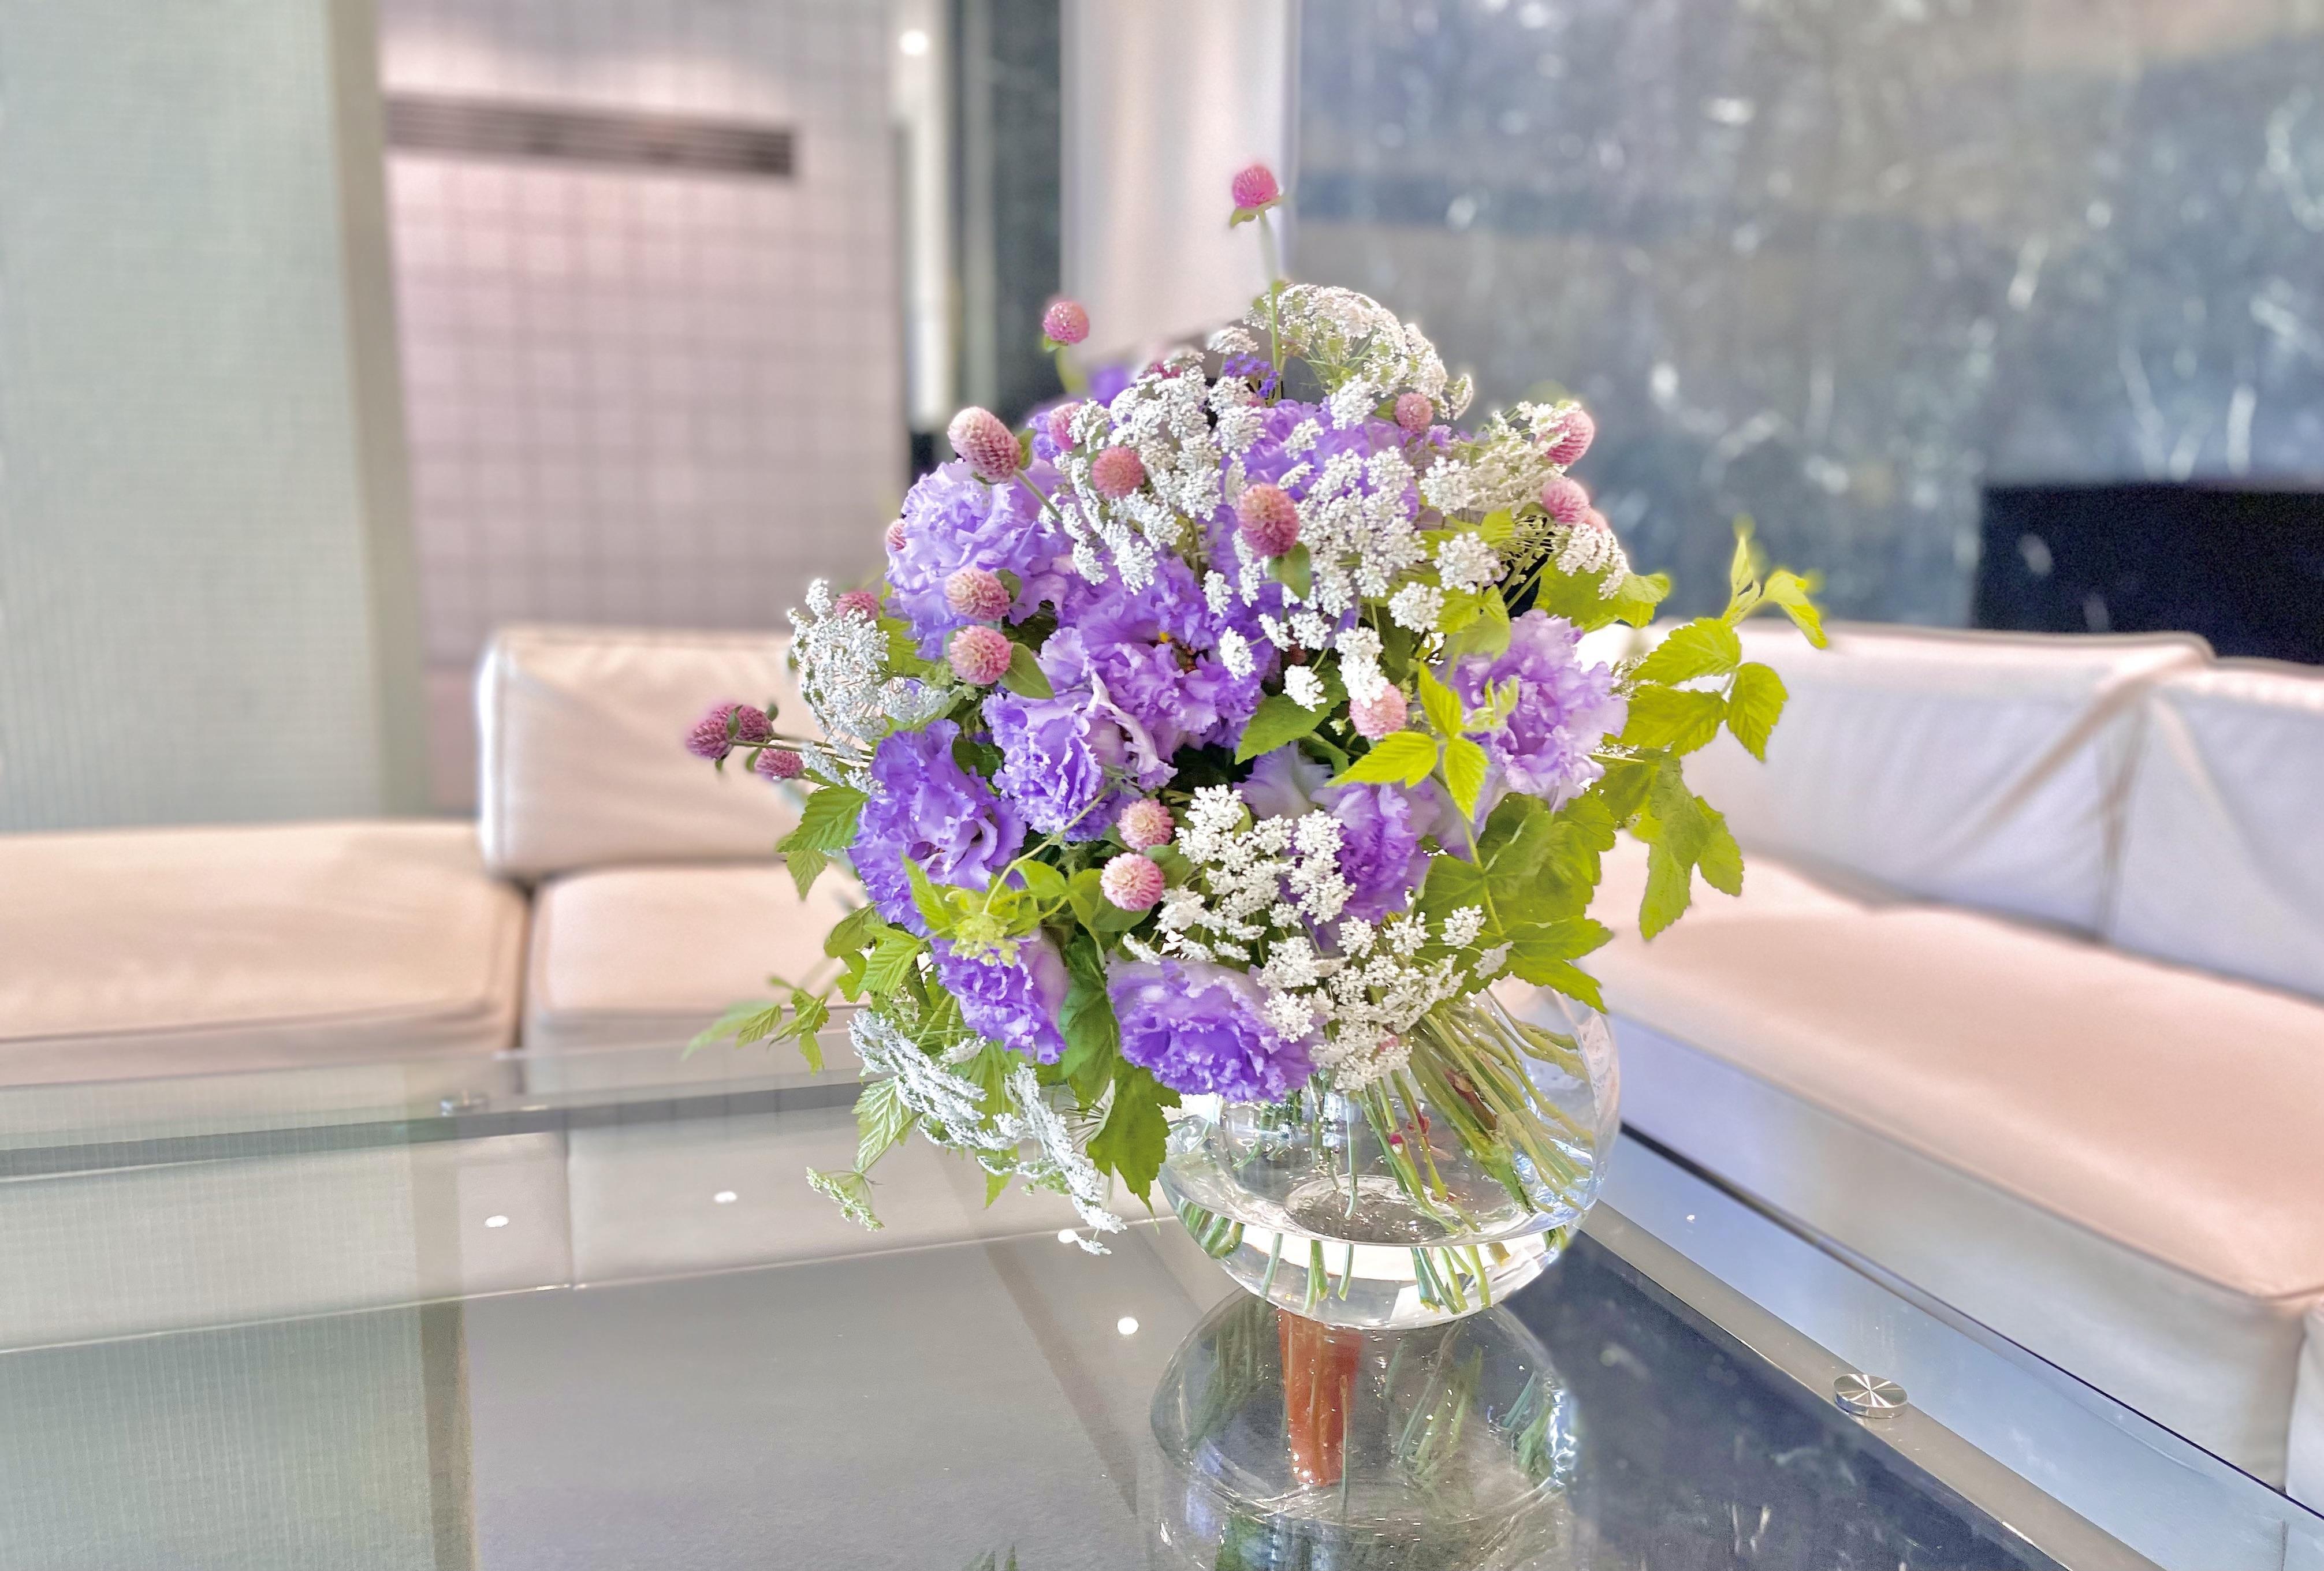 華やかさと可愛らしさで待合室を飾る8月の花:トルコギキョウ